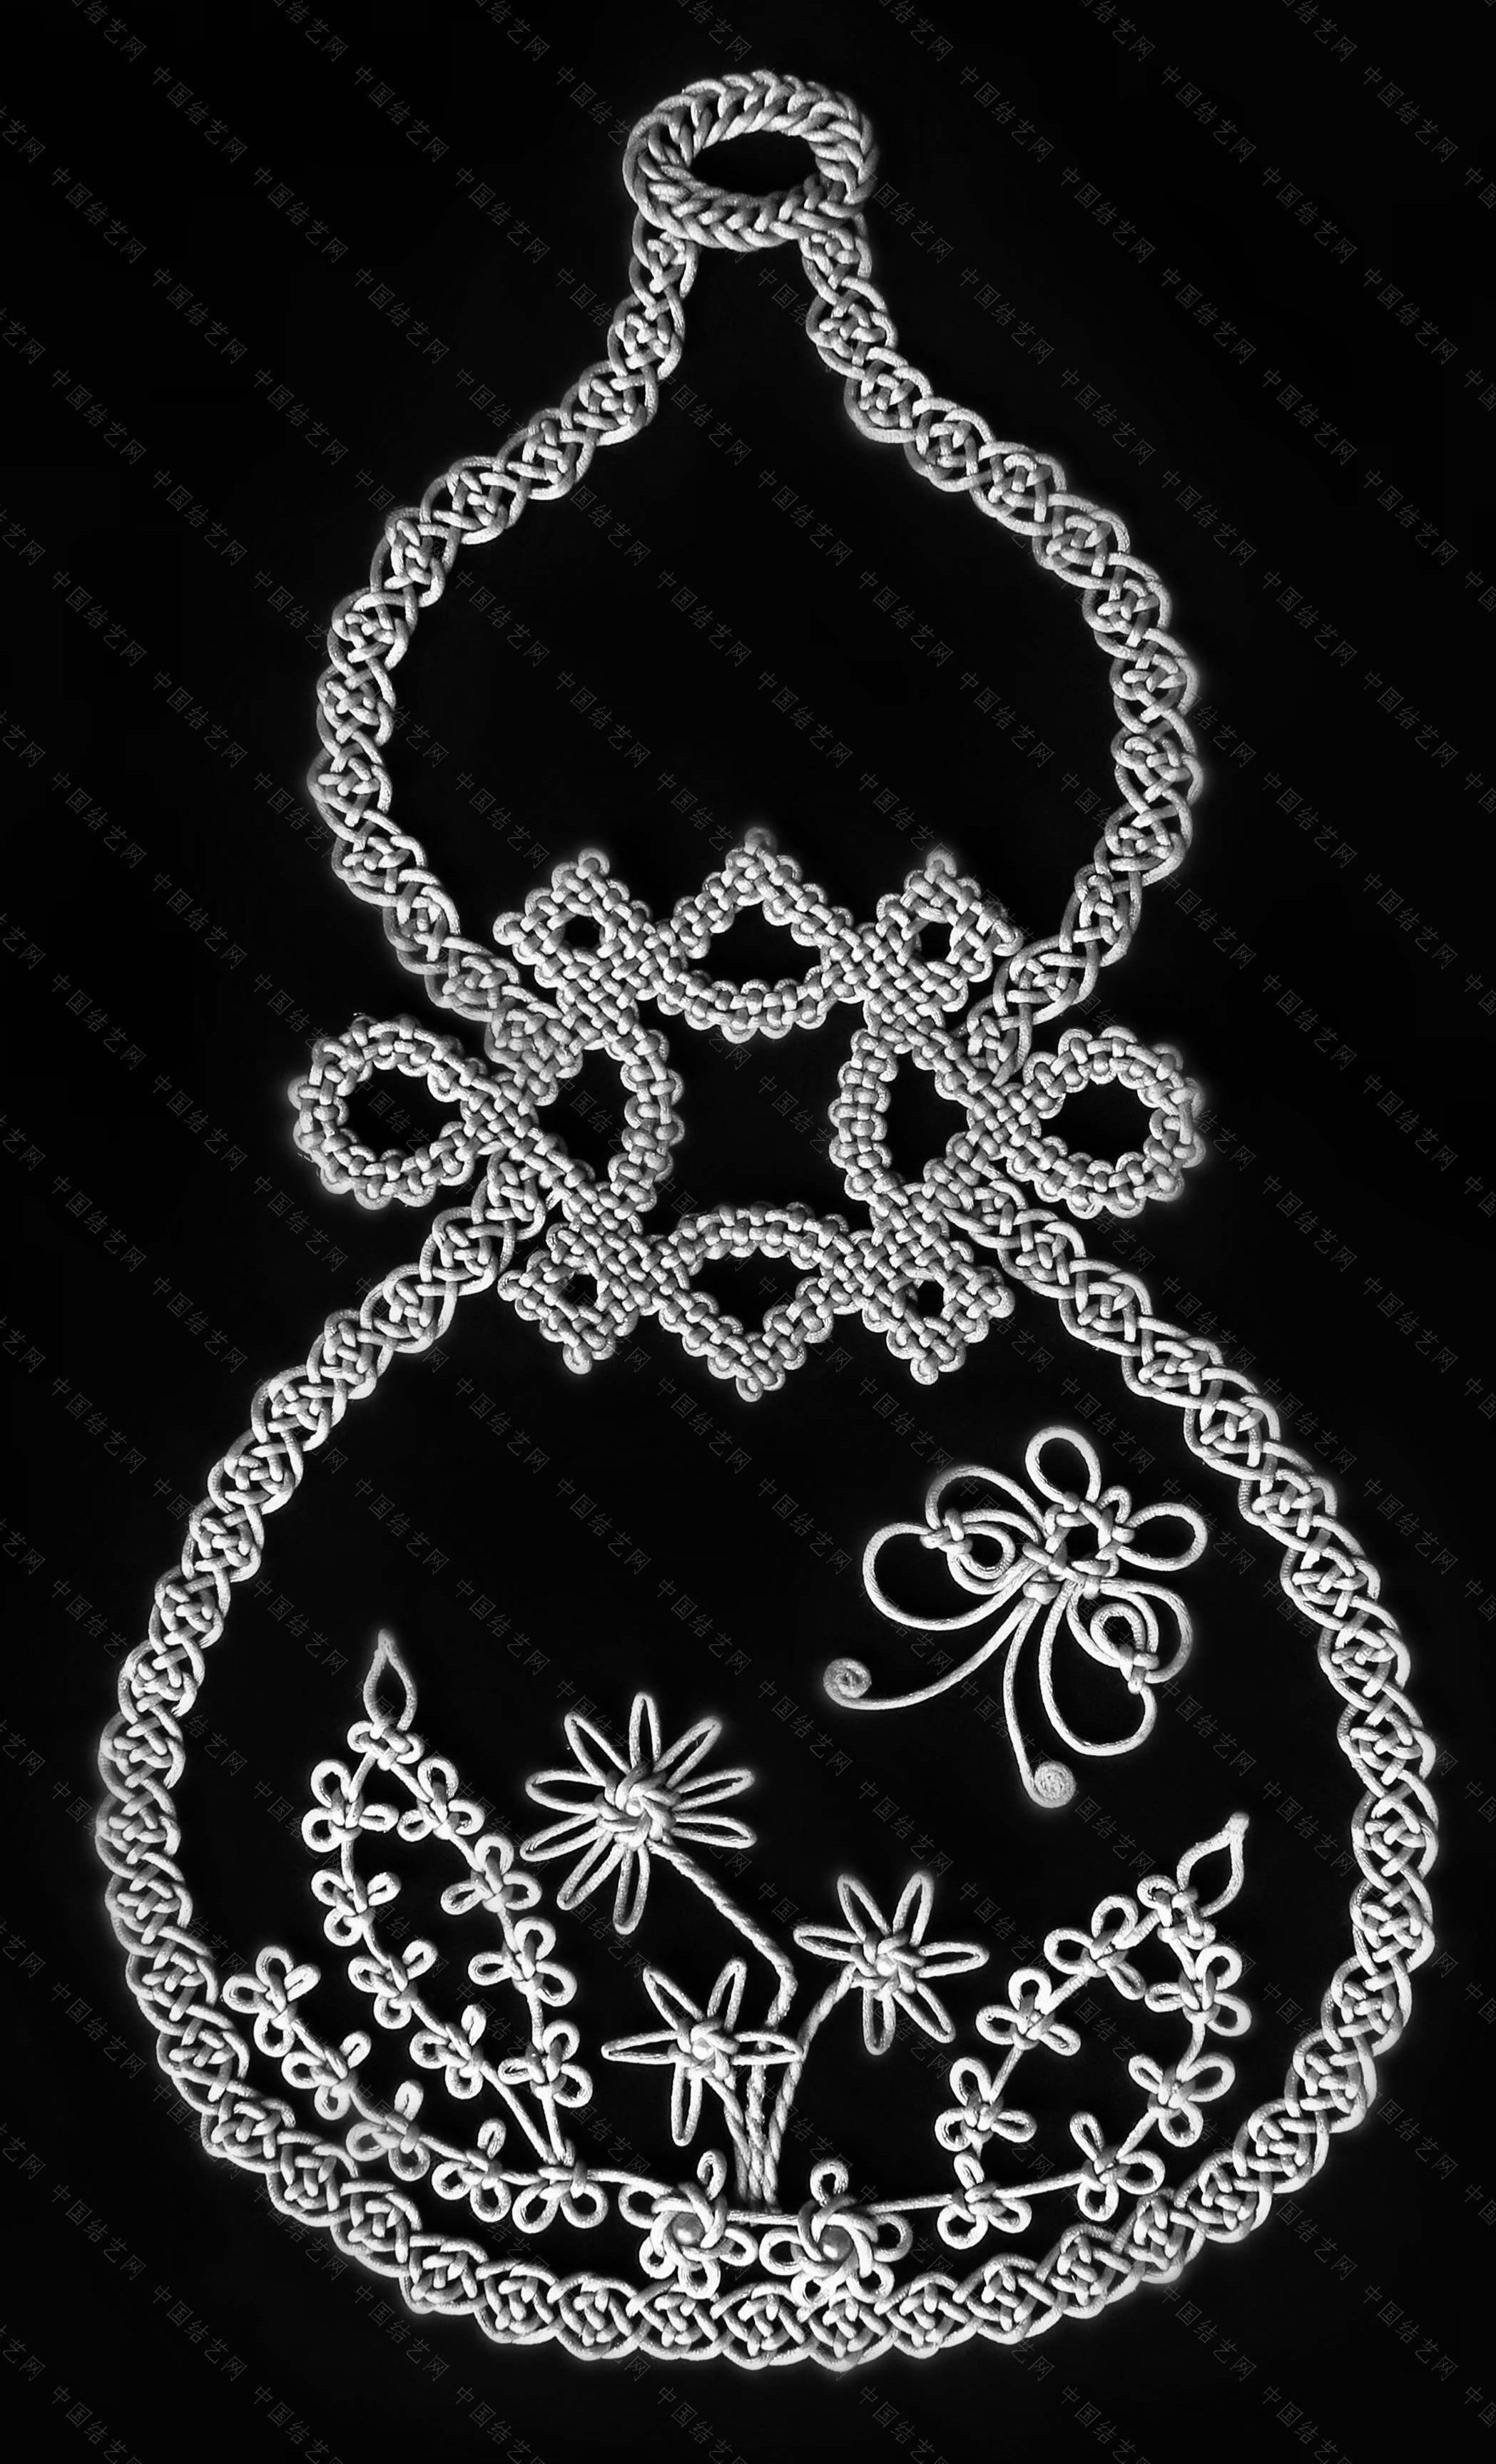 中国结论坛 模仿几何中国结里的葫芦  作品展示 221433mzjj05hhkr9qqqhr